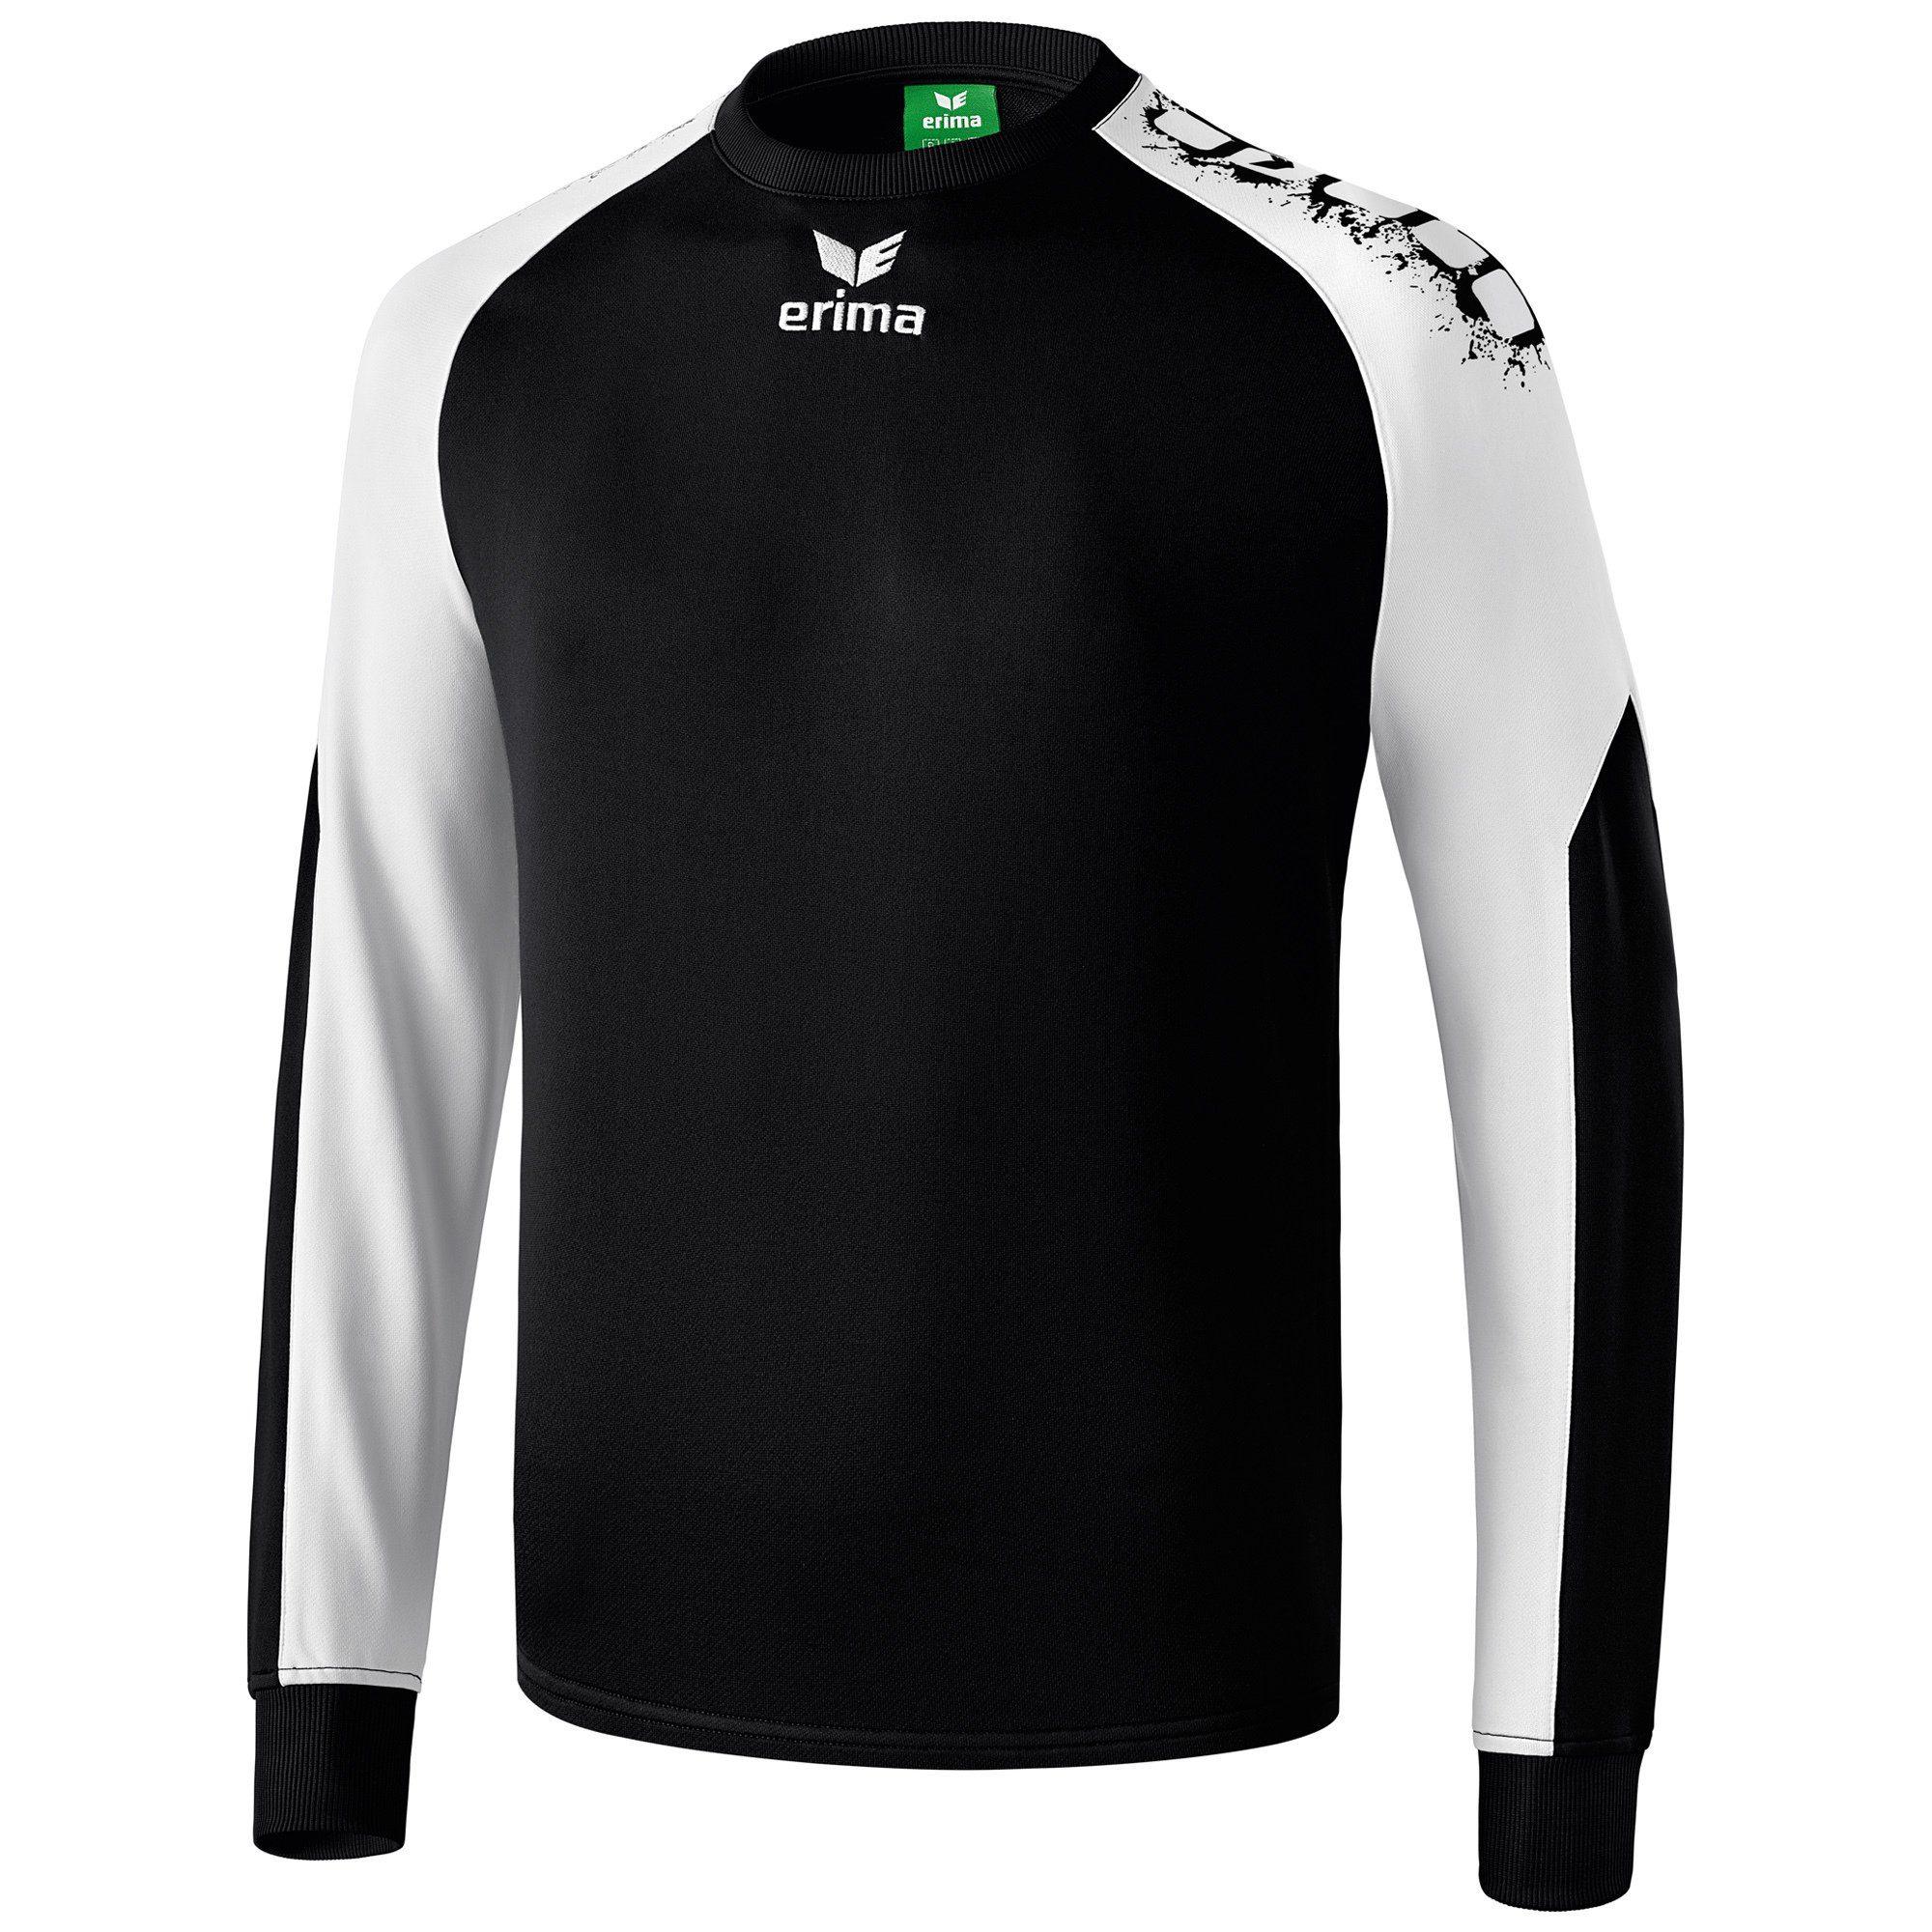 Vereinslose Trikots Torwartbekleidung Erima Graffic 5-C Sweatshirt